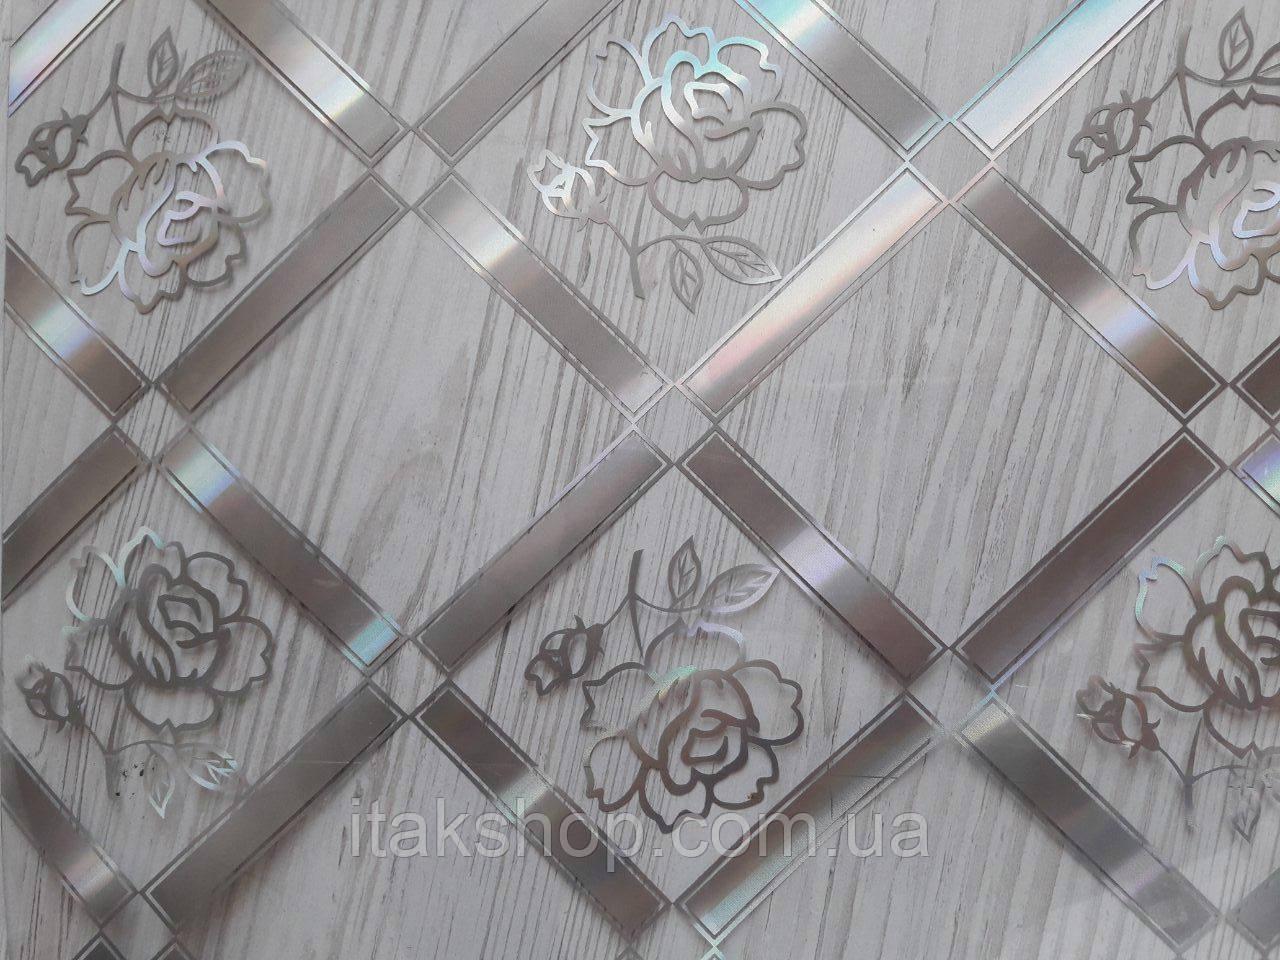 М'яке скло Скатертину з лазерним малюнком Soft Glass 1.4х0.8м товщина 1.5 мм Срібляста троянда в квадраті